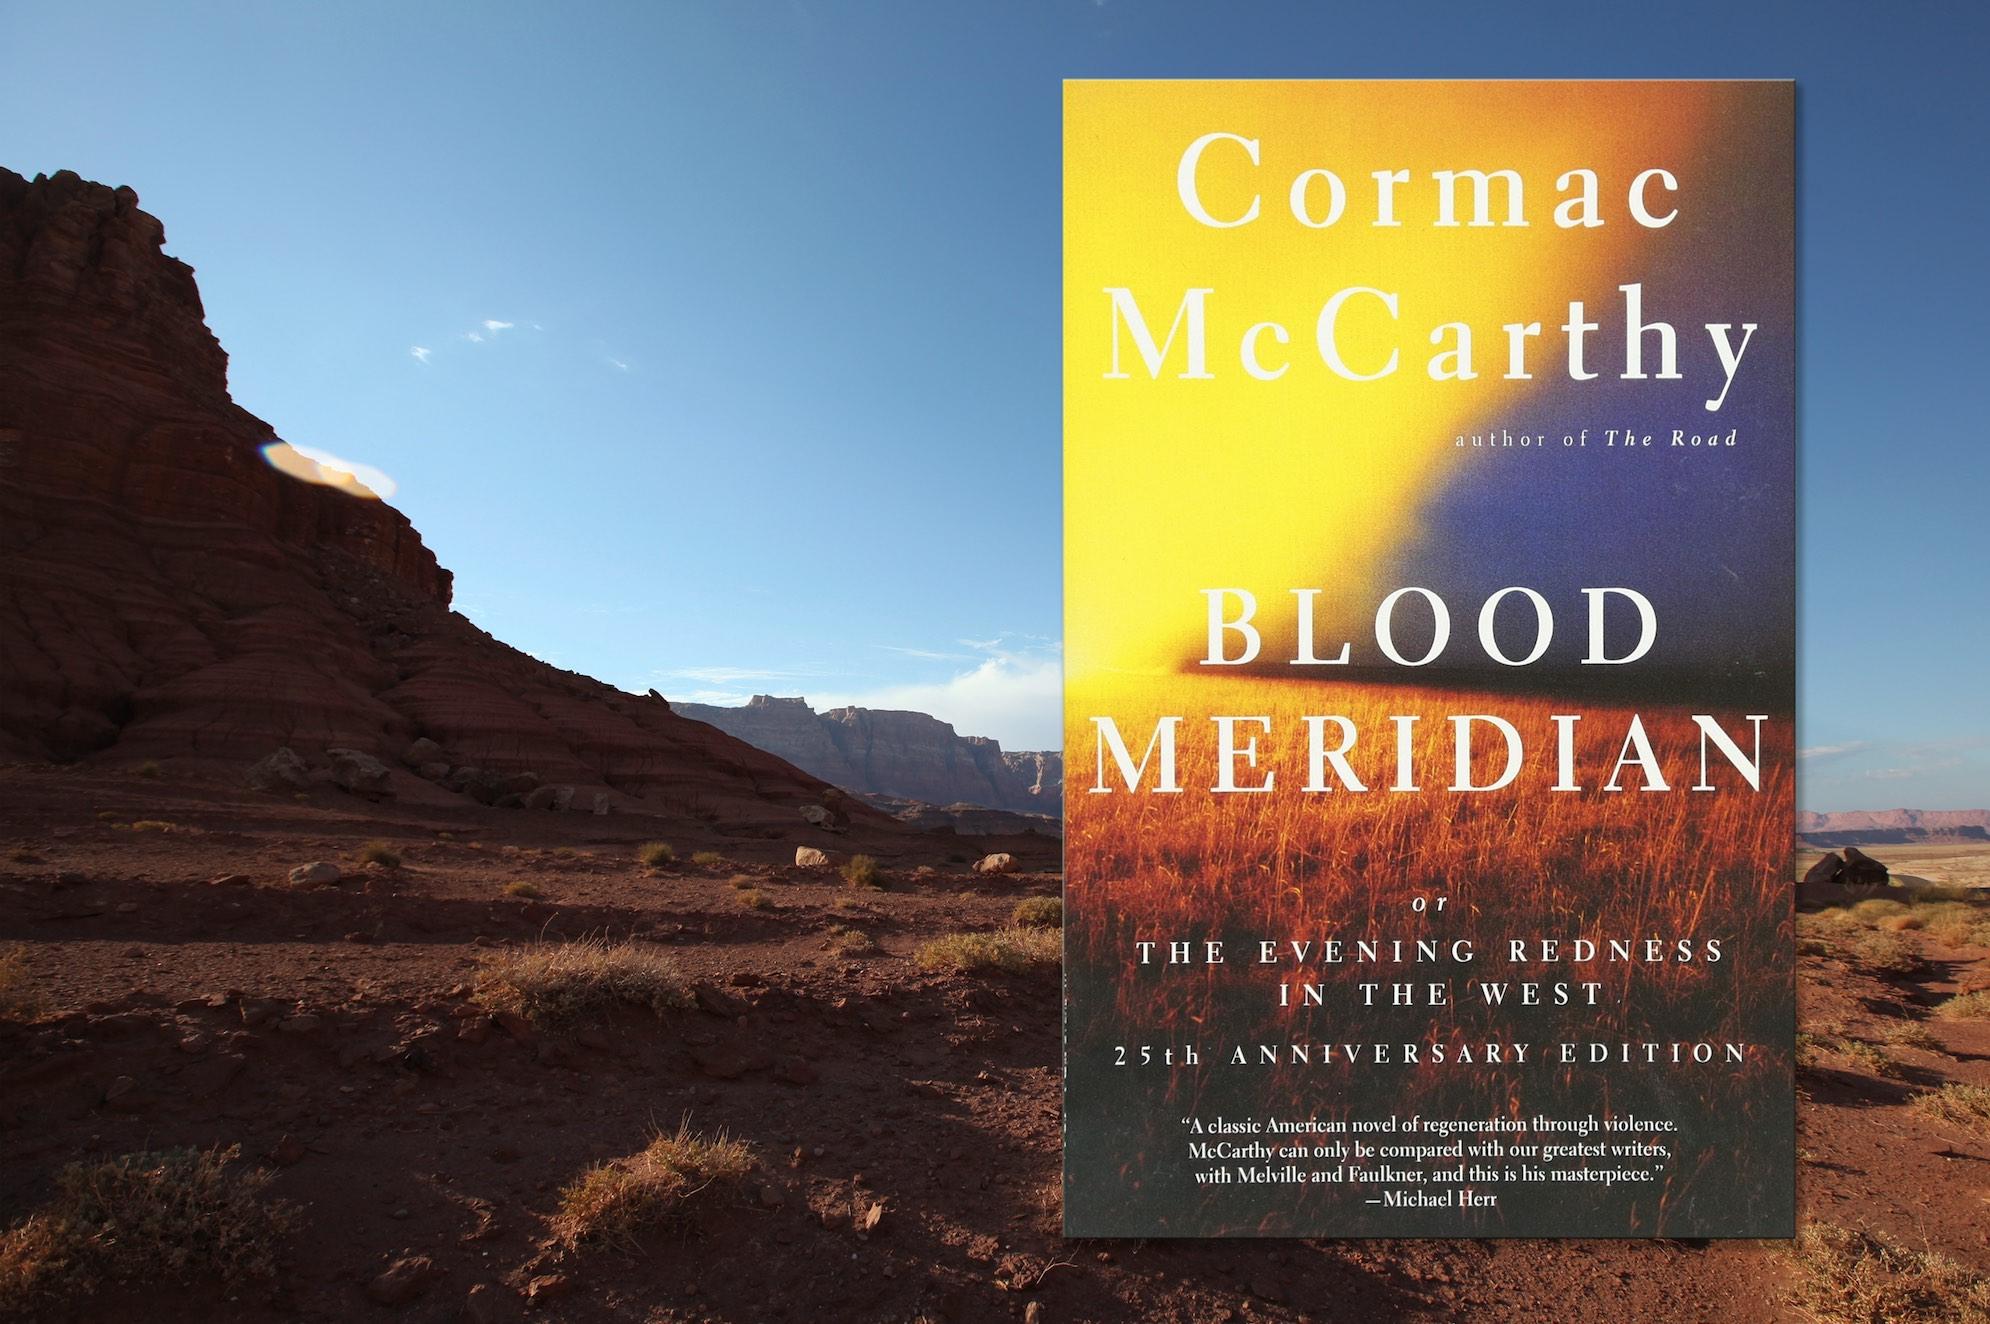 blood meridian copy.jpg